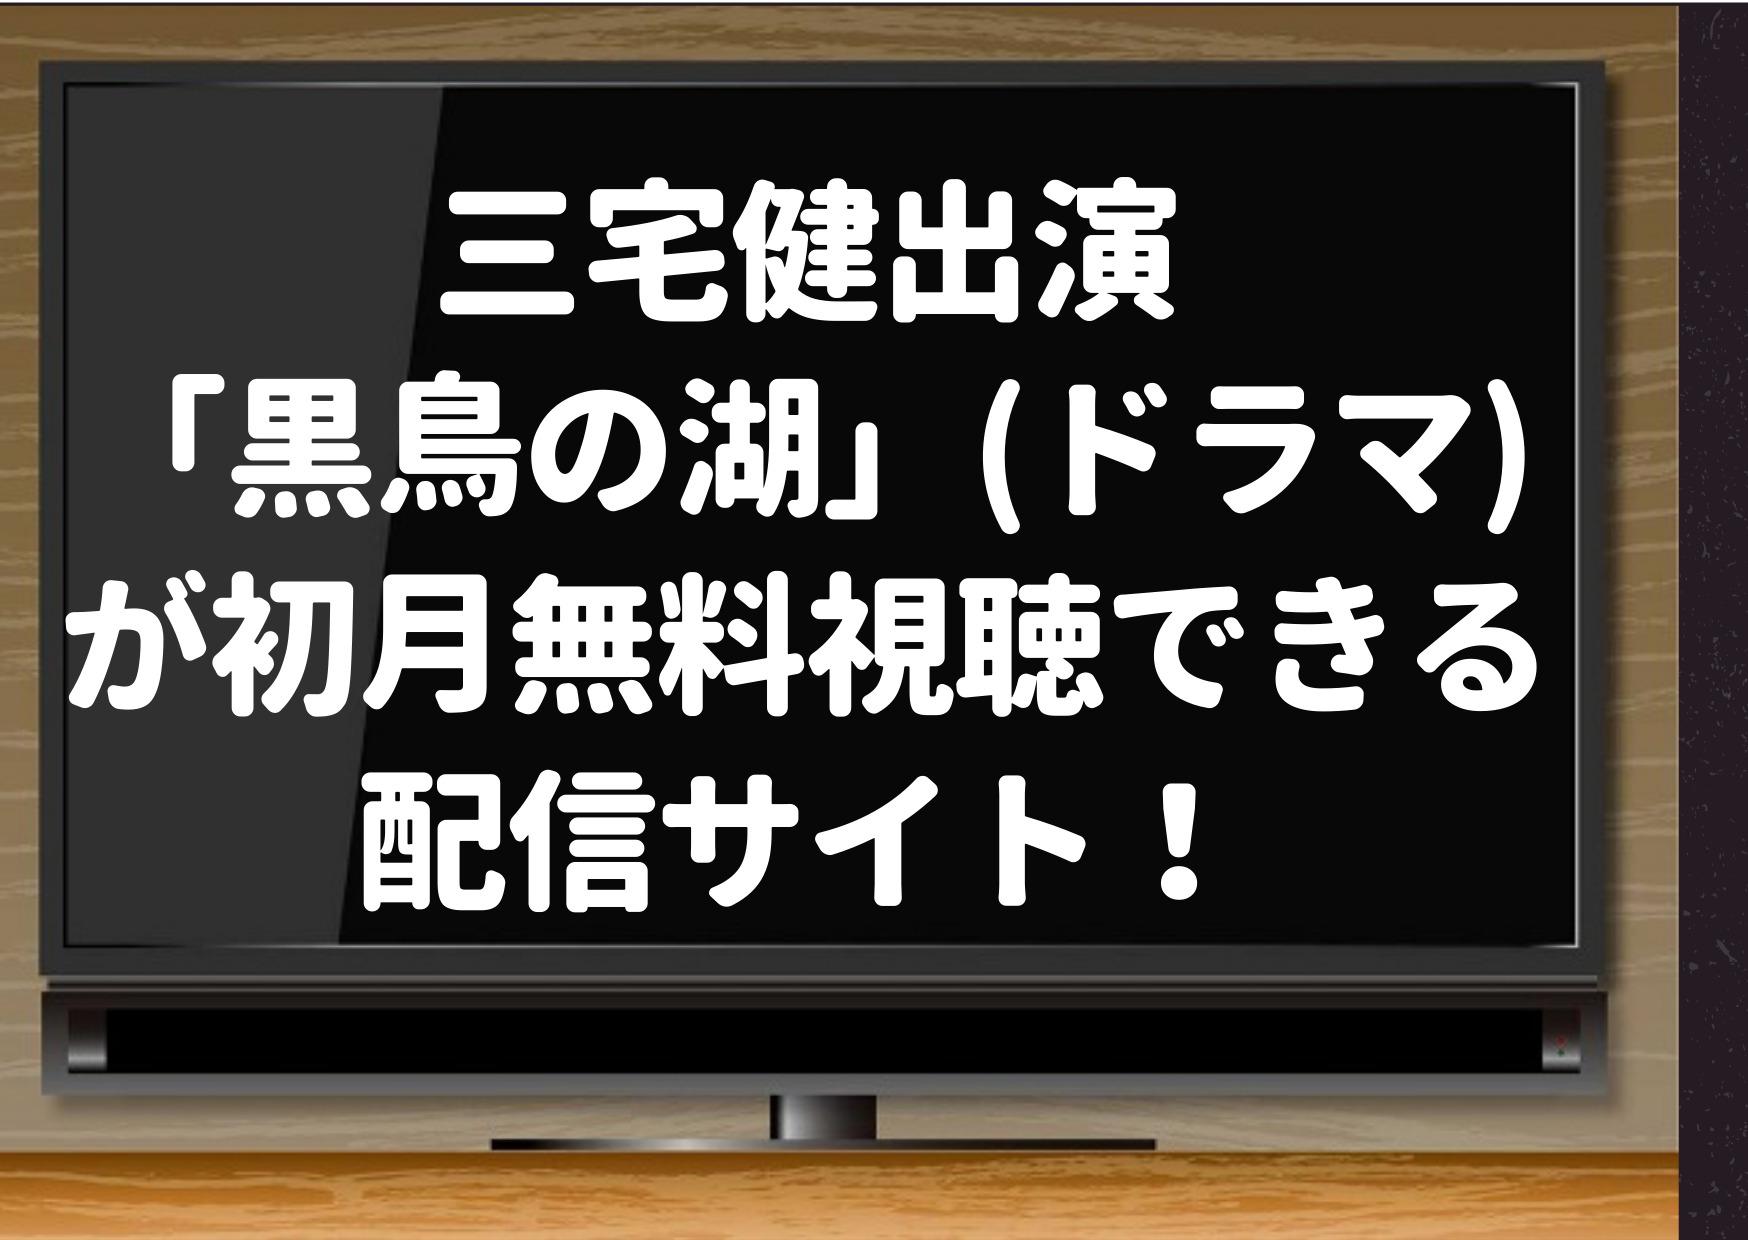 三宅健出演「黒鳥の湖」(ドラマ)が初月無料視聴できる見逃し配信サイト!NetflixやHuluでも見られる? | ジ...